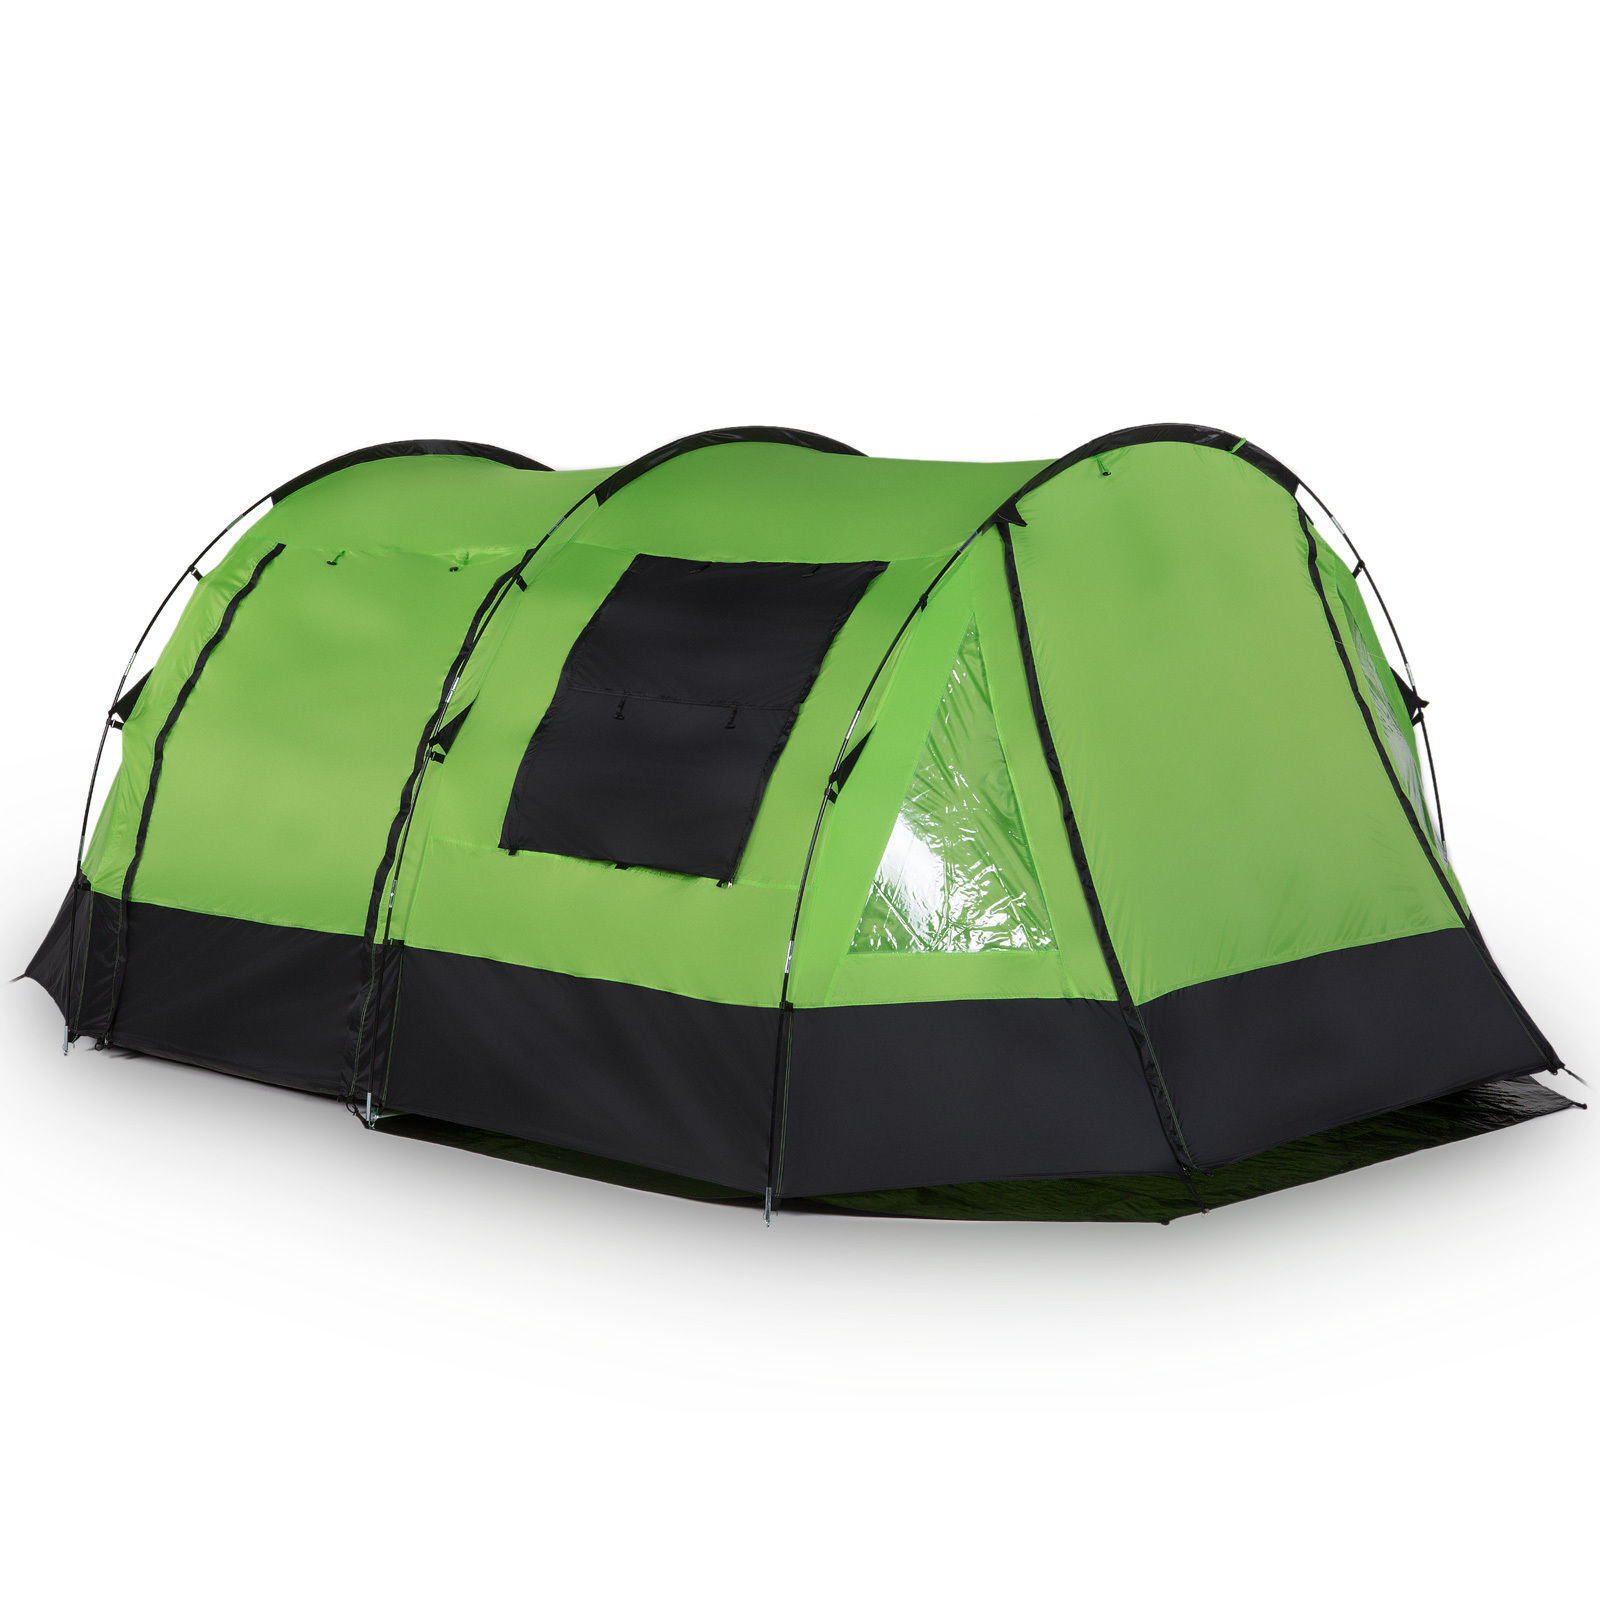 Outdoor Zelte für 4 Personen günstig kaufen | eBay